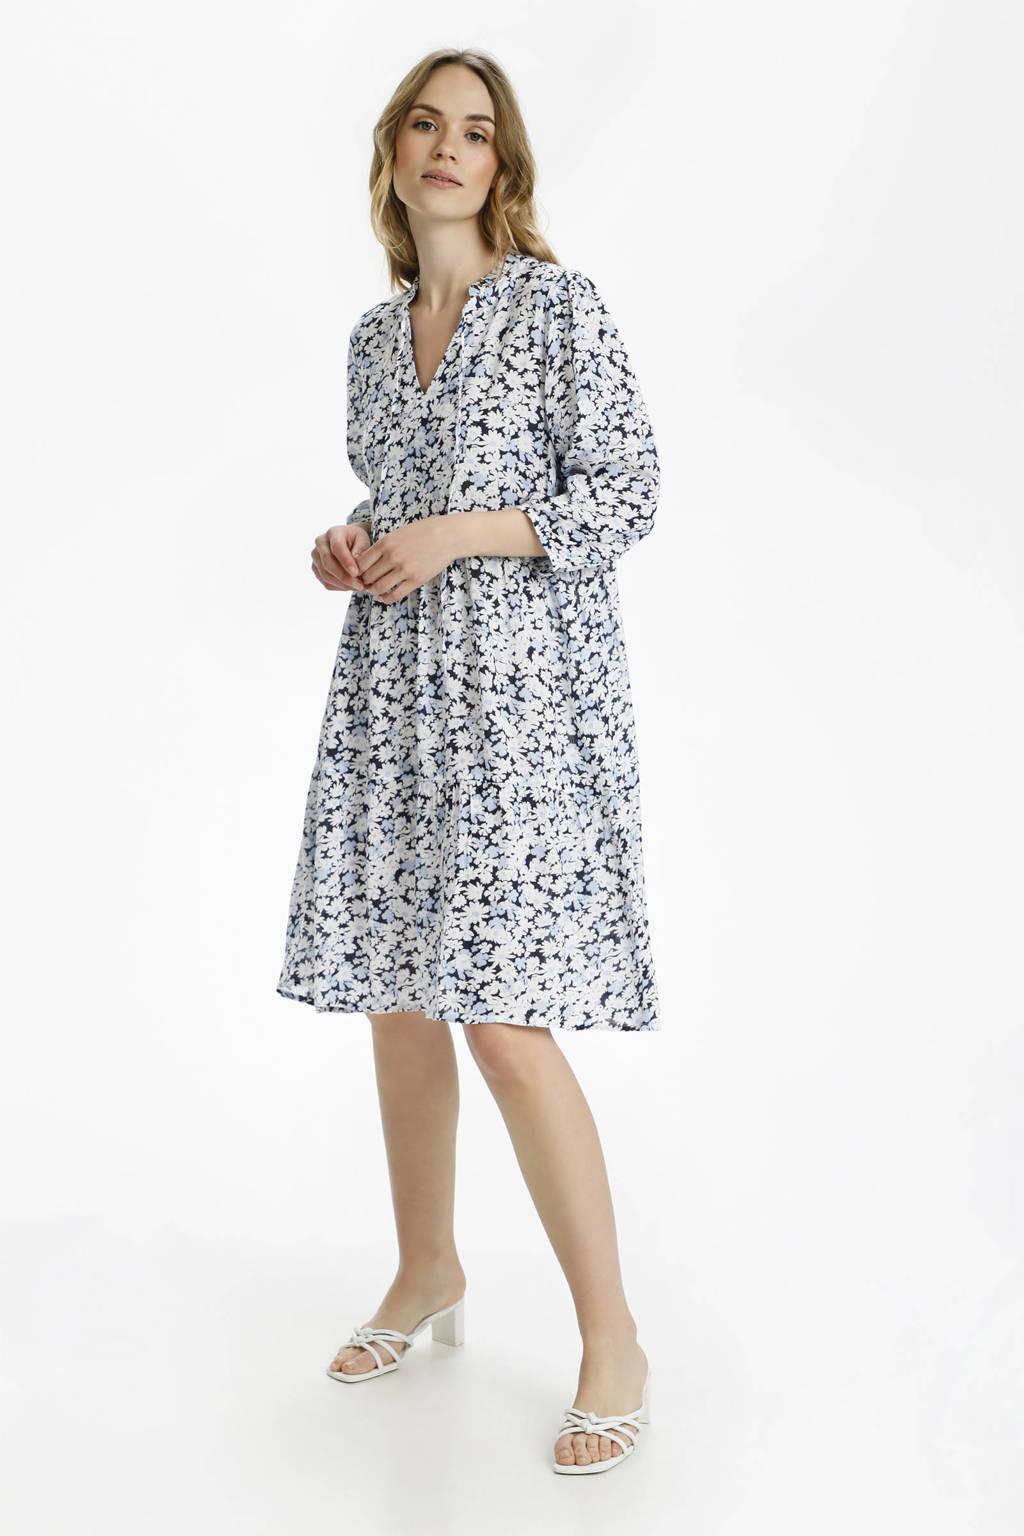 Kaffe gebloemde A-lijn jurk KAfelia Amber donkerblauw/wit/lichtblauw, Donkerblauw/wit/lichtblauw